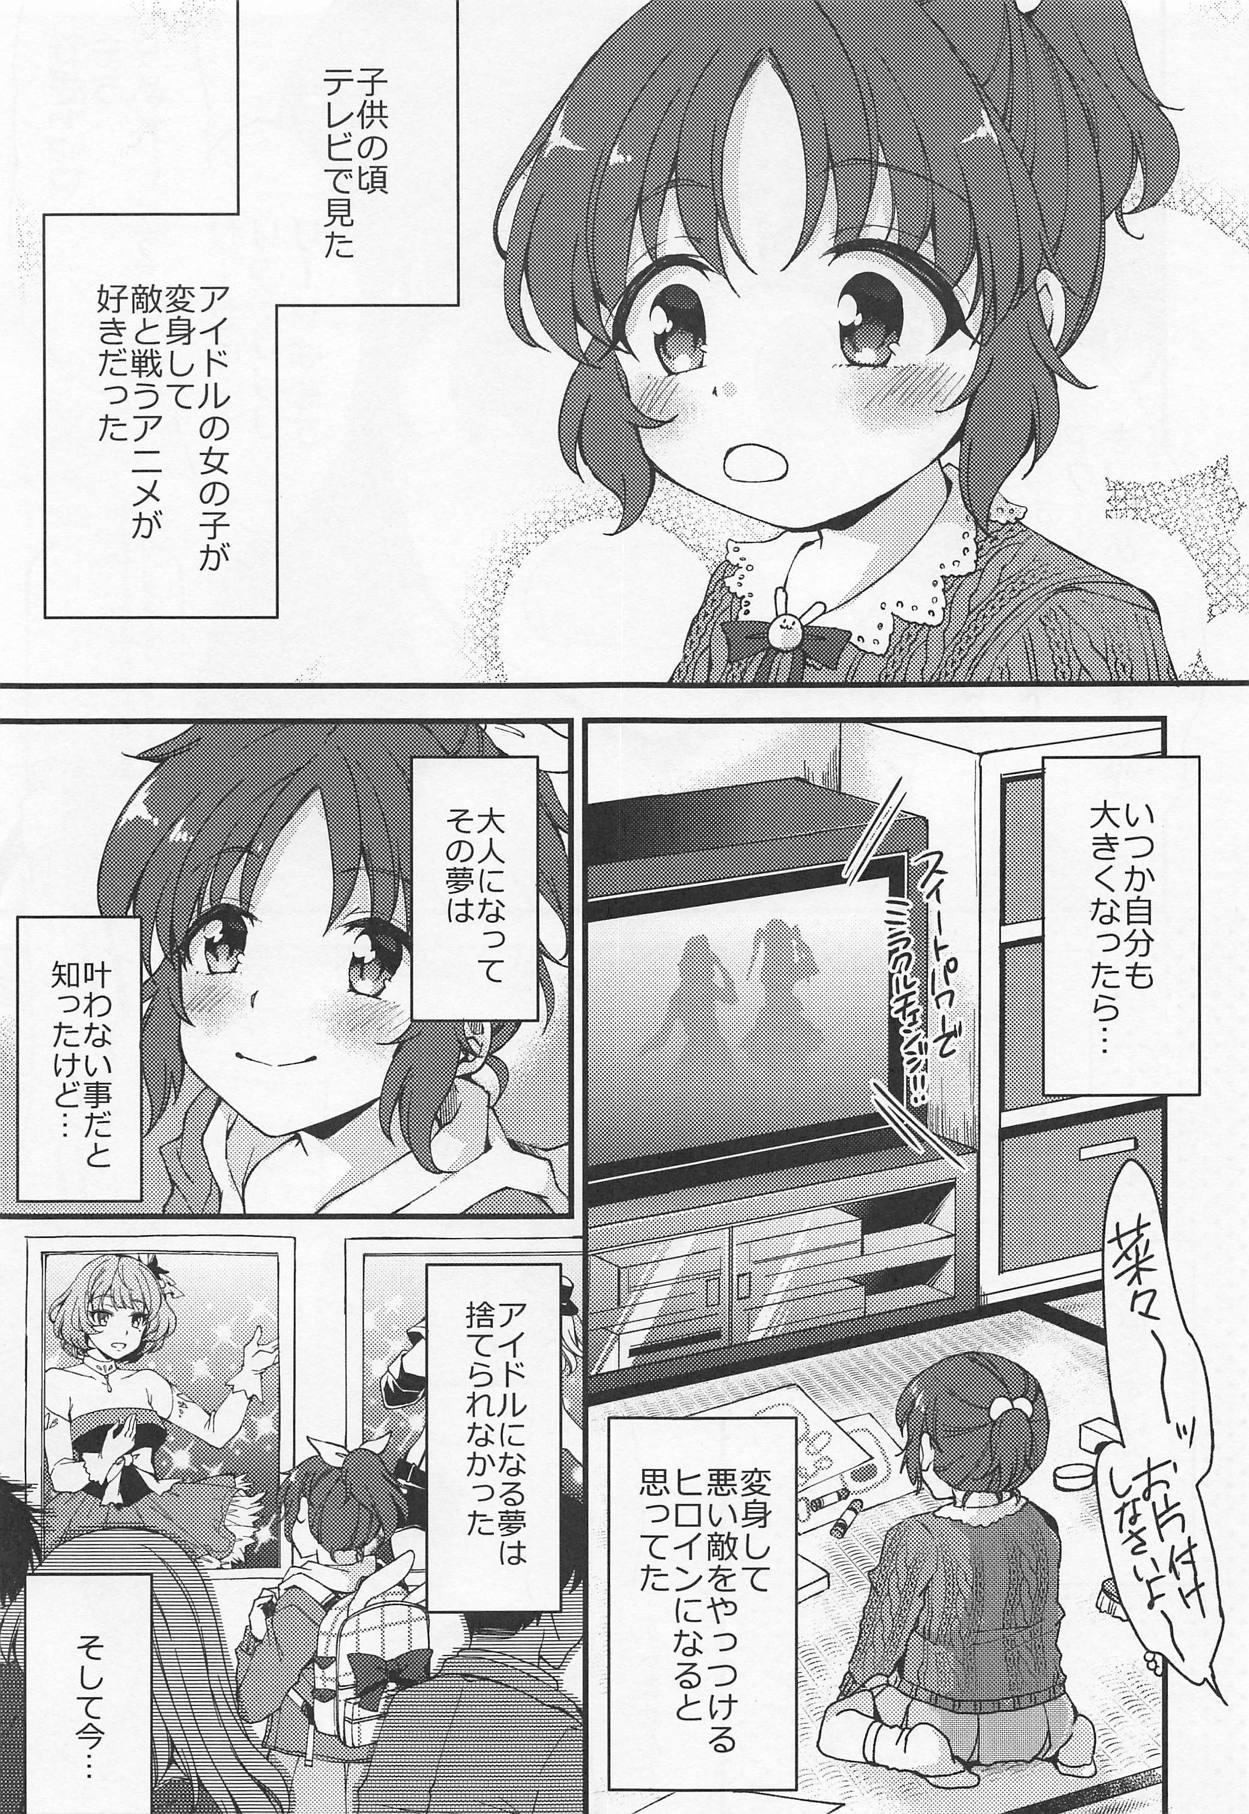 Nana, Ganbarimasu! - I will do my best! 1